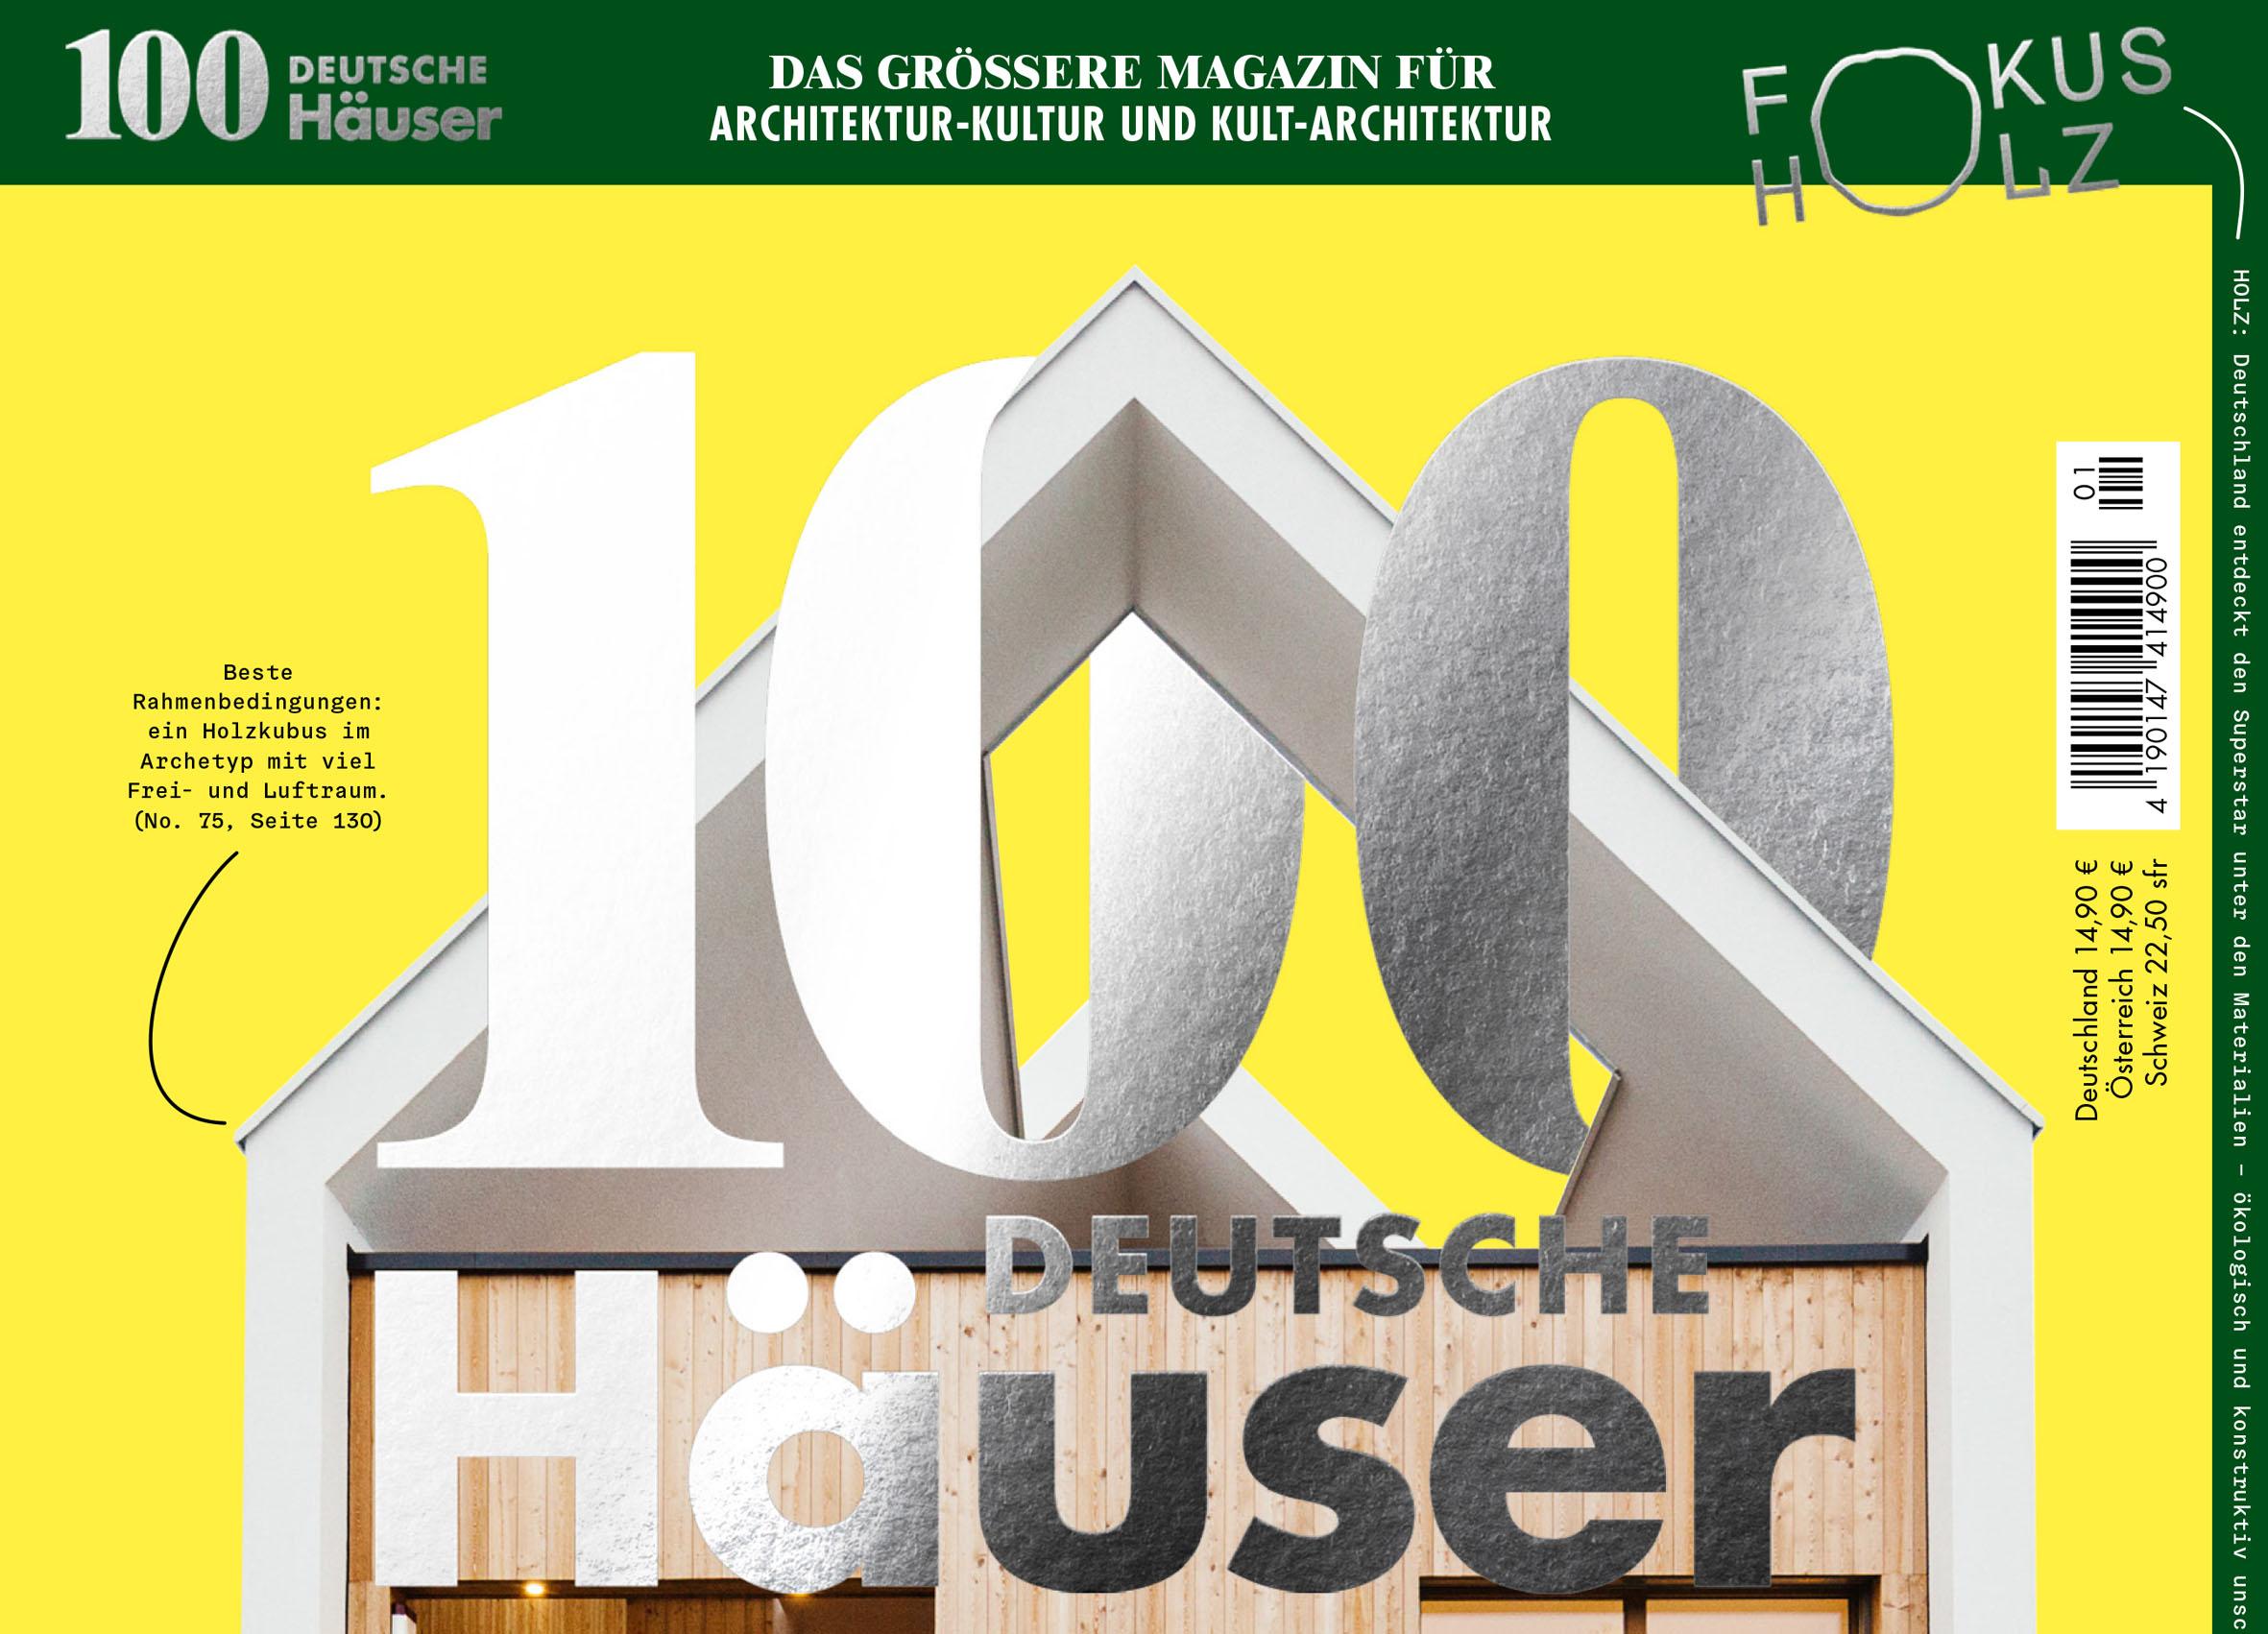 Affordable Publication Magazin Deutsche Huser Ausgabe With Hauser Magazin  Fur Architektur Und Design